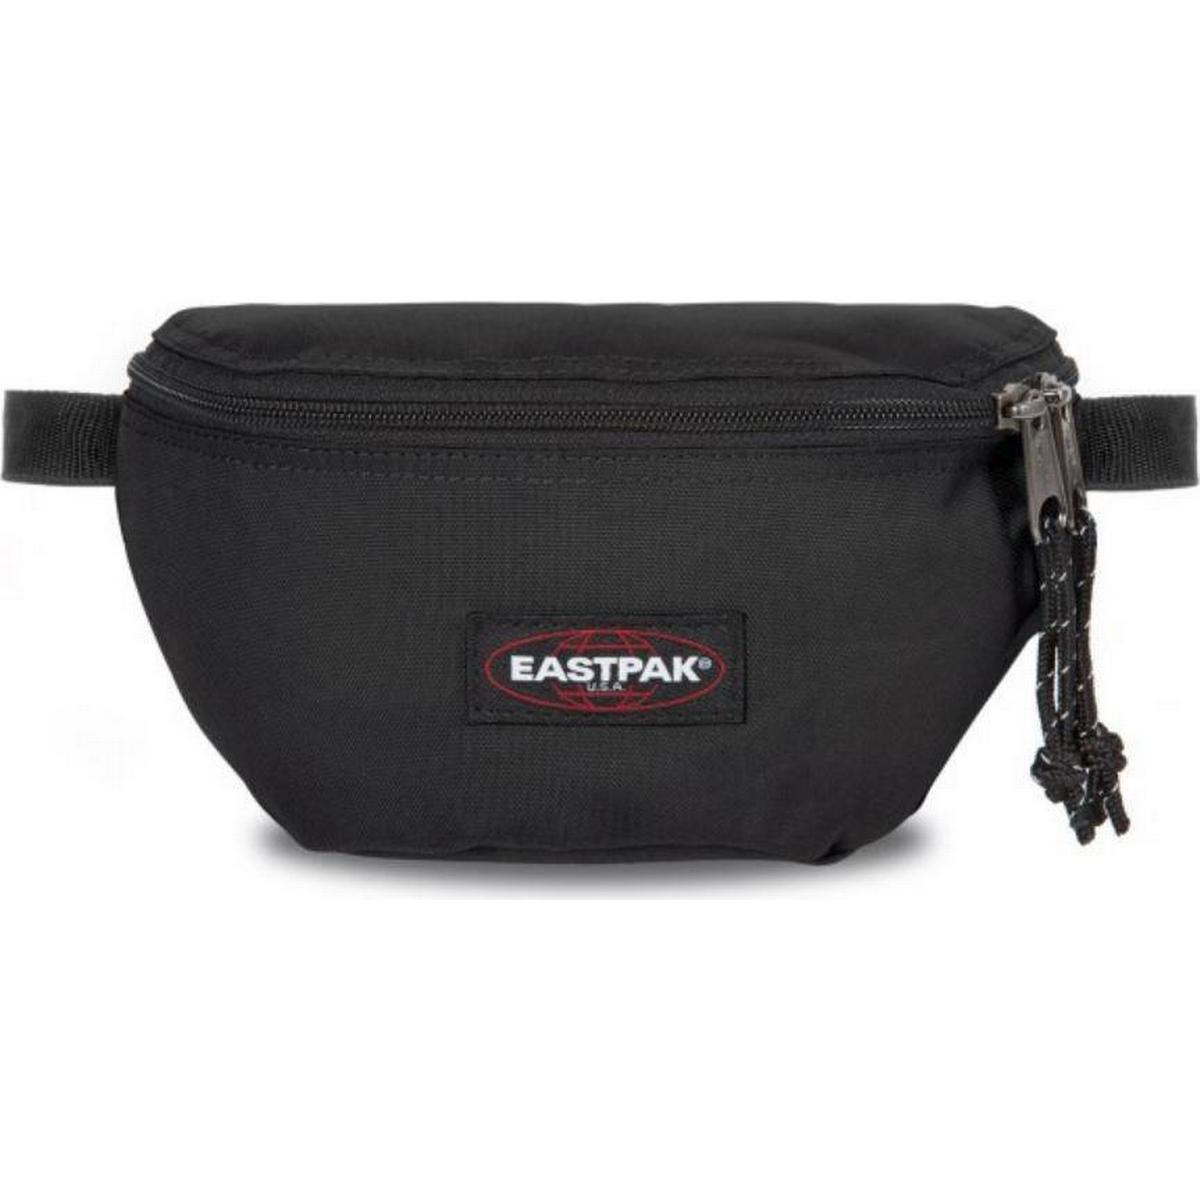 Eastpak Bæltetaske (500+ produkter) hos PriceRunner • Se